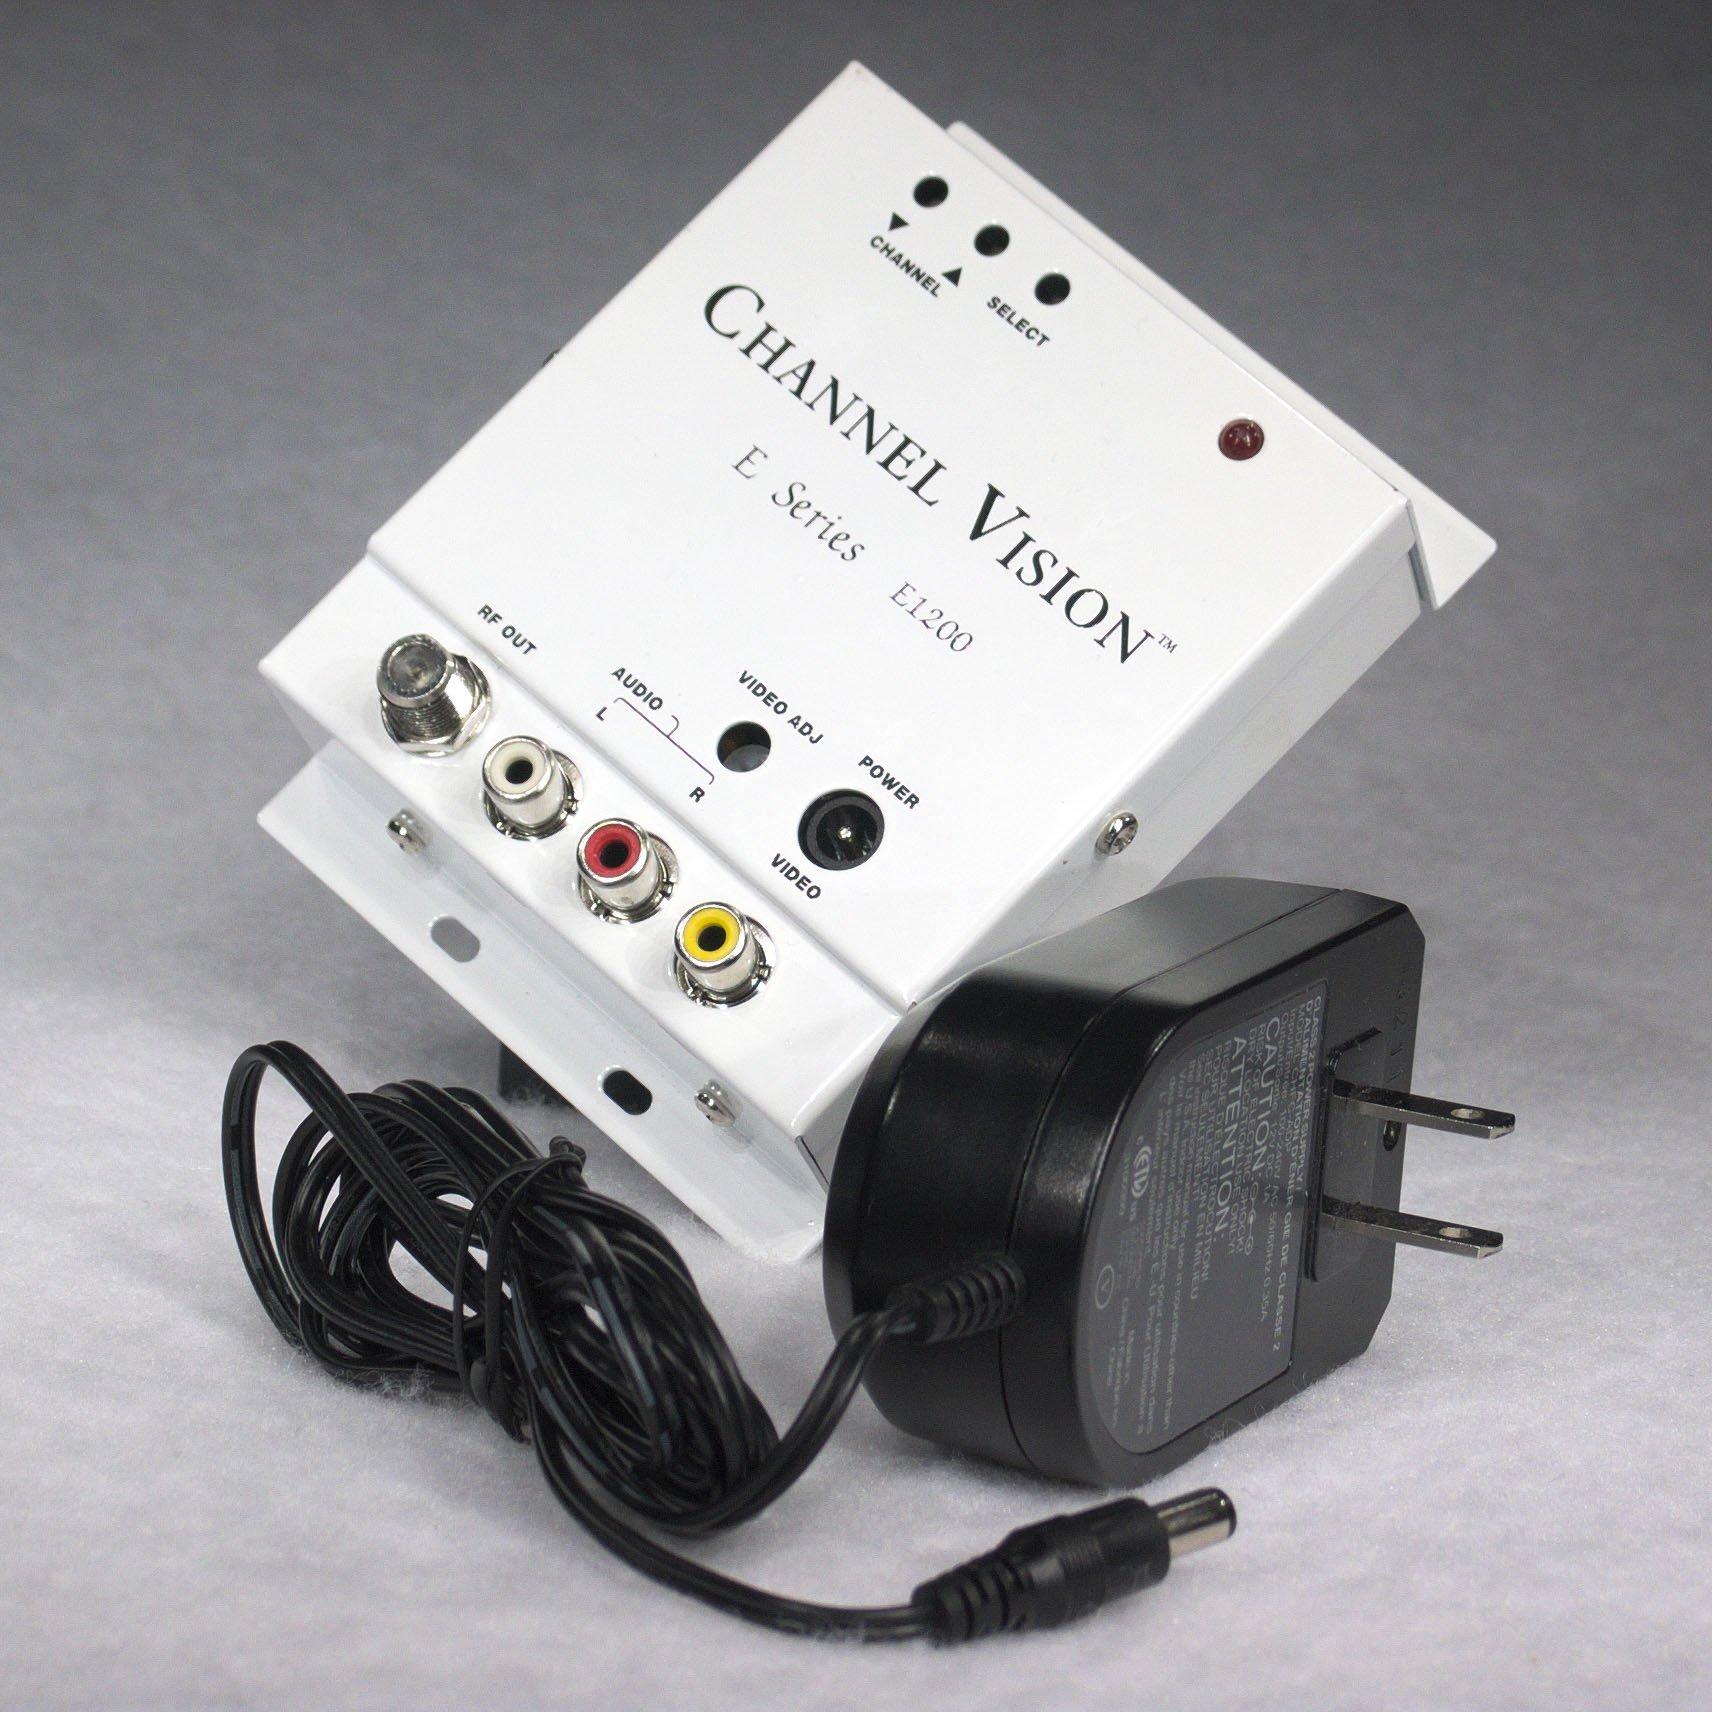 Channel Vision E Series E1200 RF Modulator